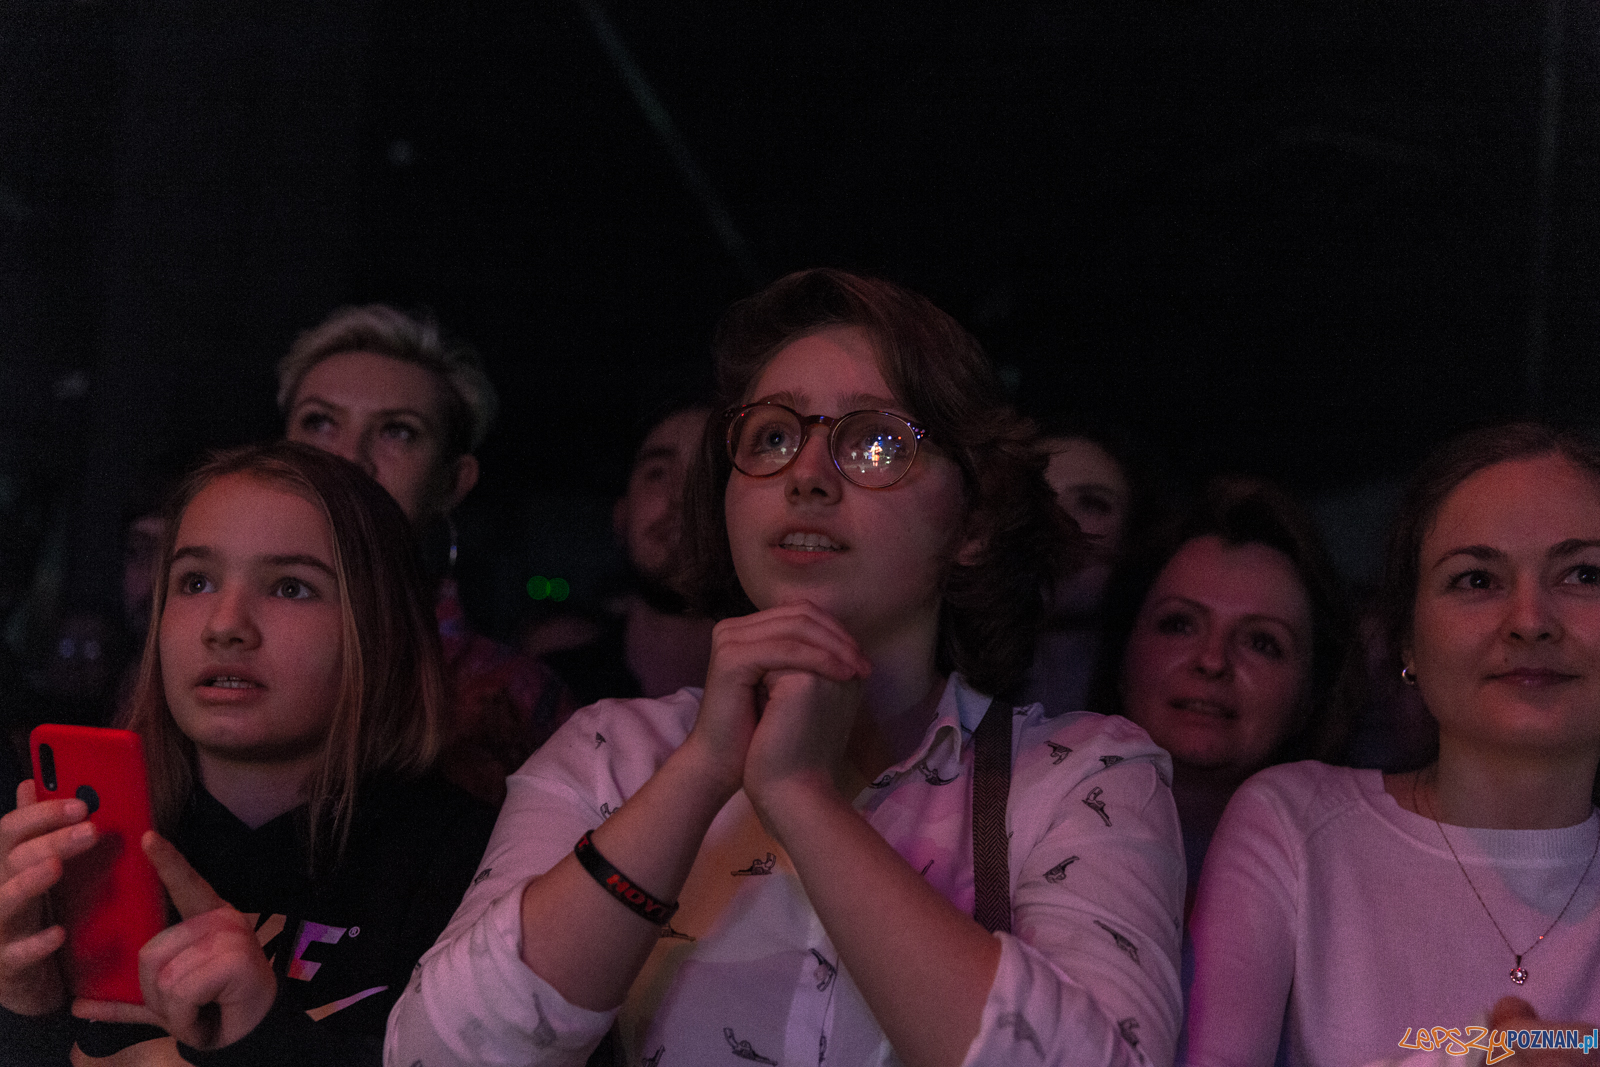 """Postmodern Jukebox w klubie B17 z trasą """"Welcome to the Twenties 2.0"""" - Poznań 16.03.2019 r.  Foto: LepszyPOZNAN.pl / Paweł Rychter"""